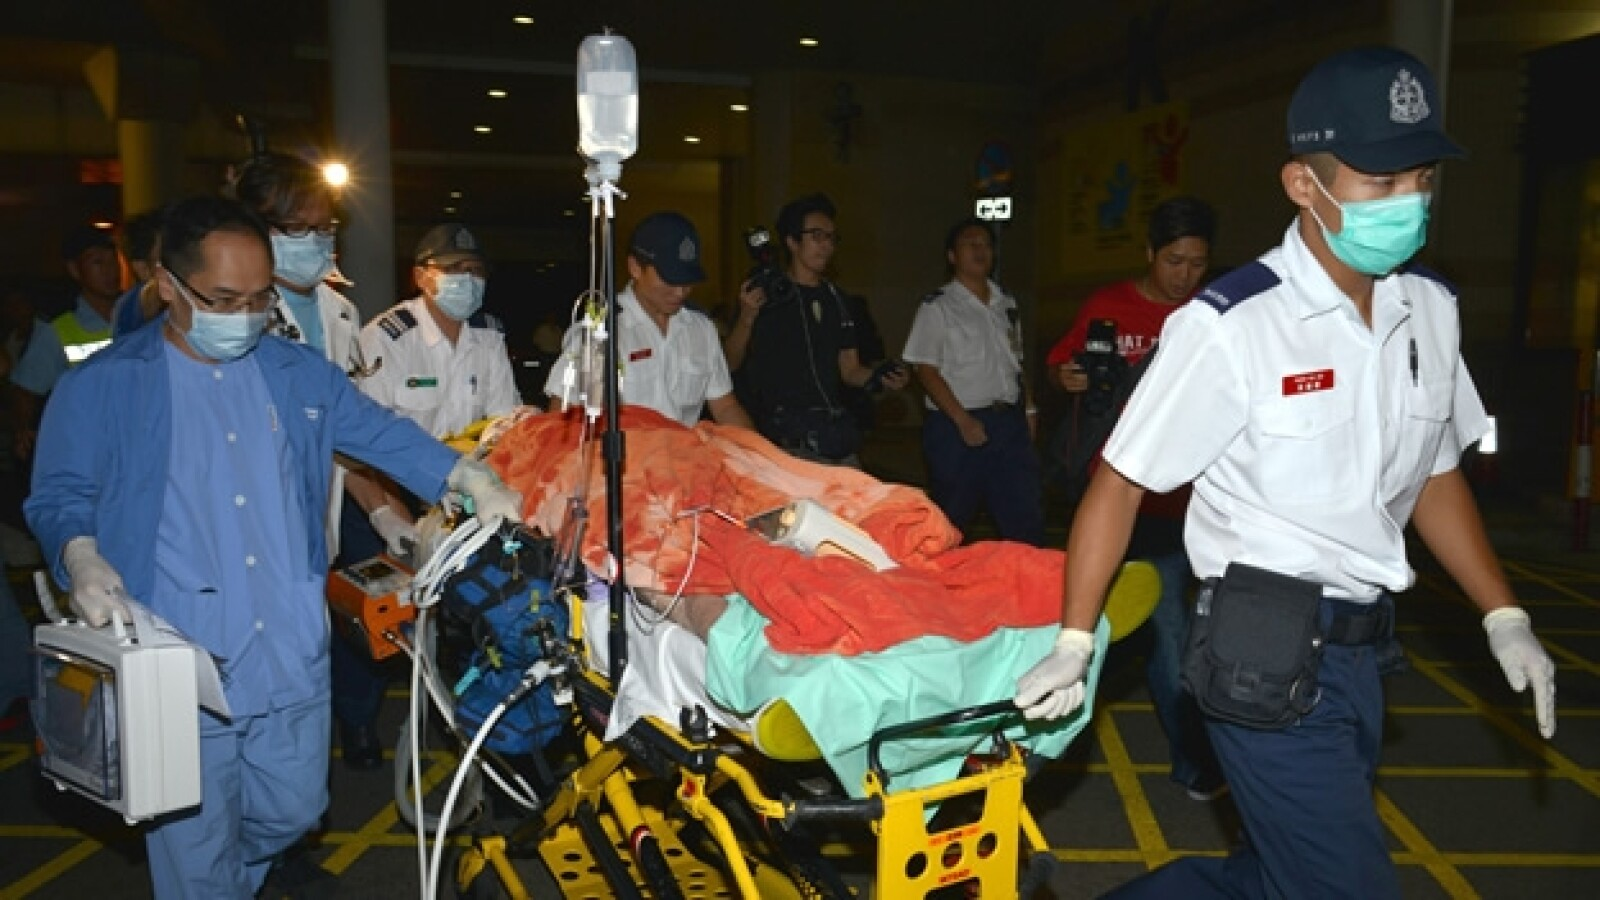 rescatistas llevan a herido al hospital